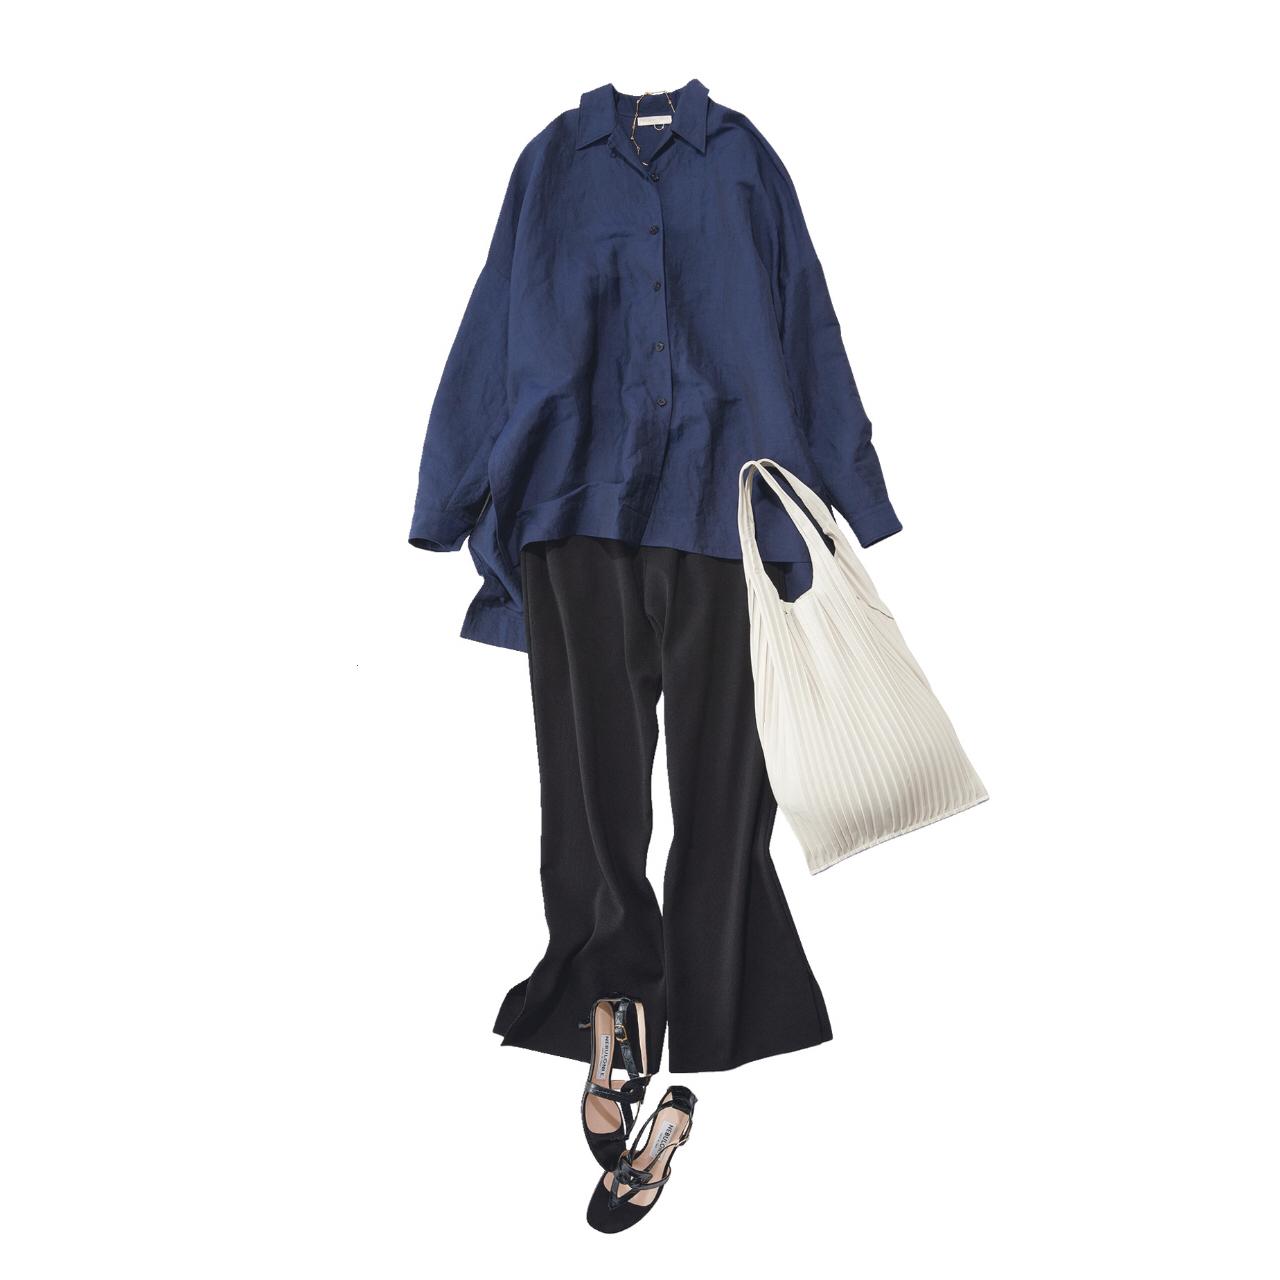 定番の黒パンツを極める!今っぽく、おしゃれで、美脚見えする黒パンツコーデまとめ|40代ファッション_1_11